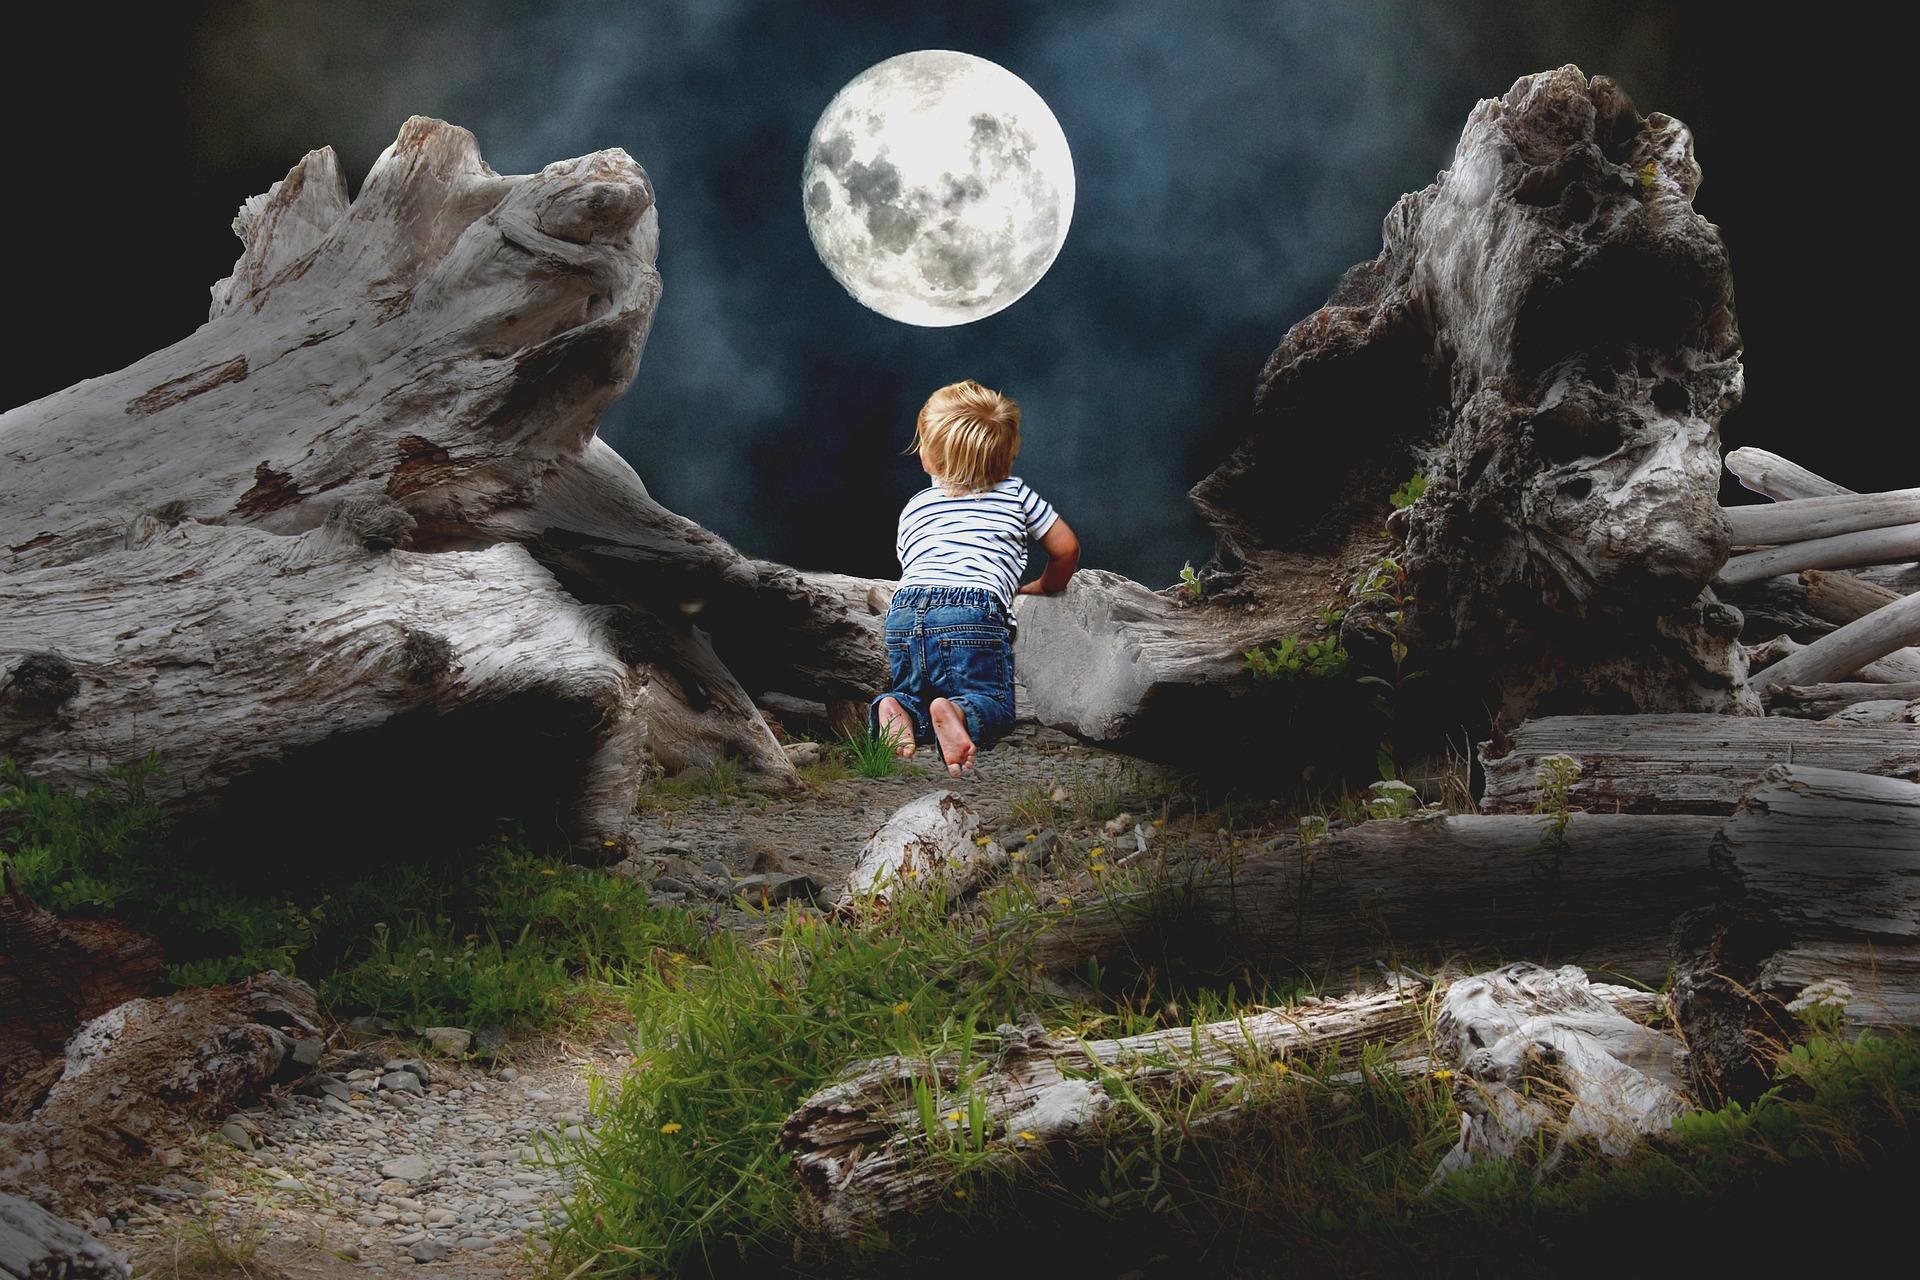 Materi 71 – Tawadhu' Terhadap Anak Kecil